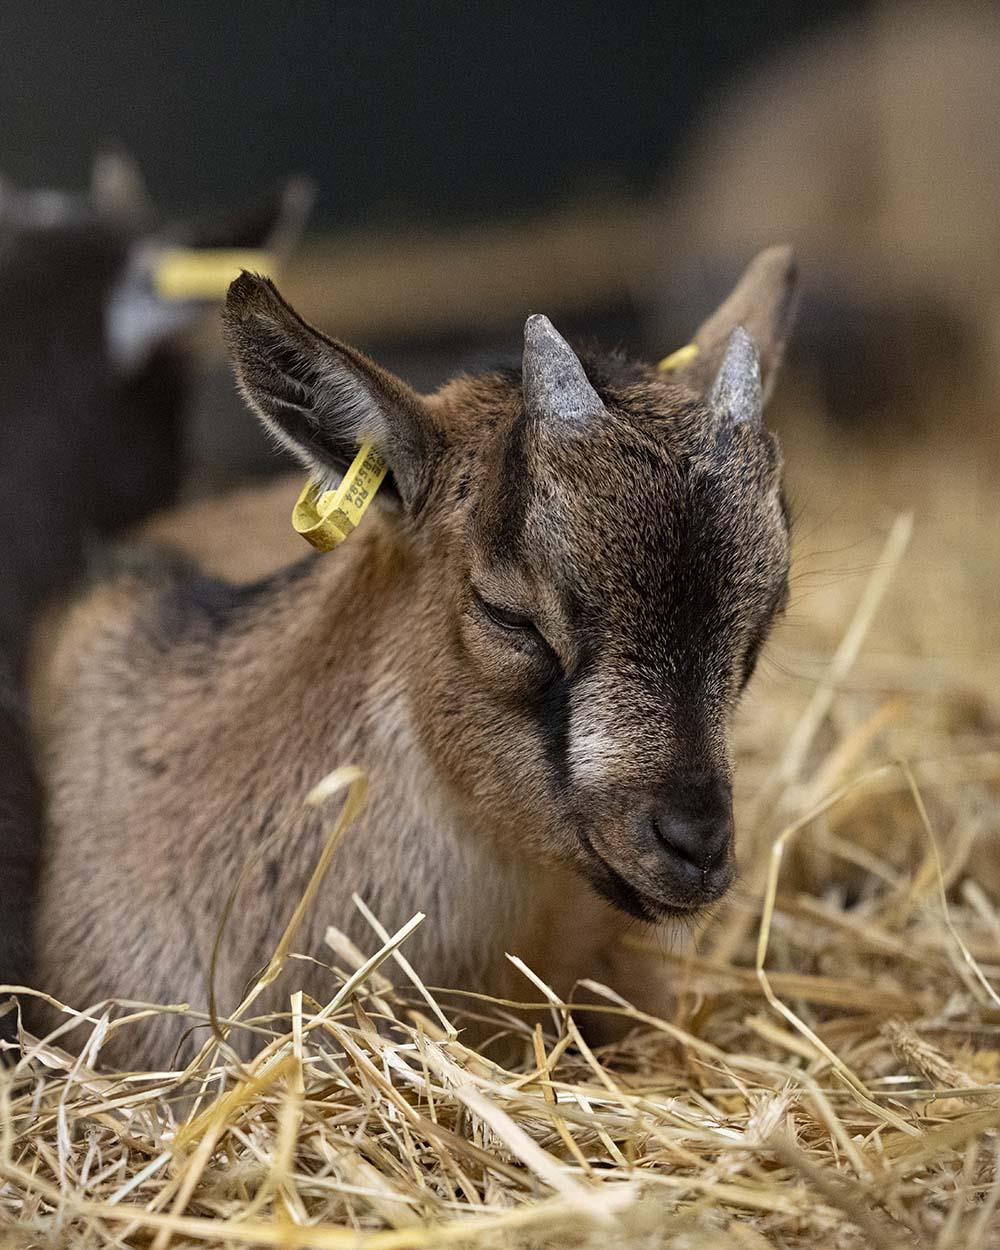 Eine junge Ziege, aufgenommen im Stroh im Tierpark Arche Warder.